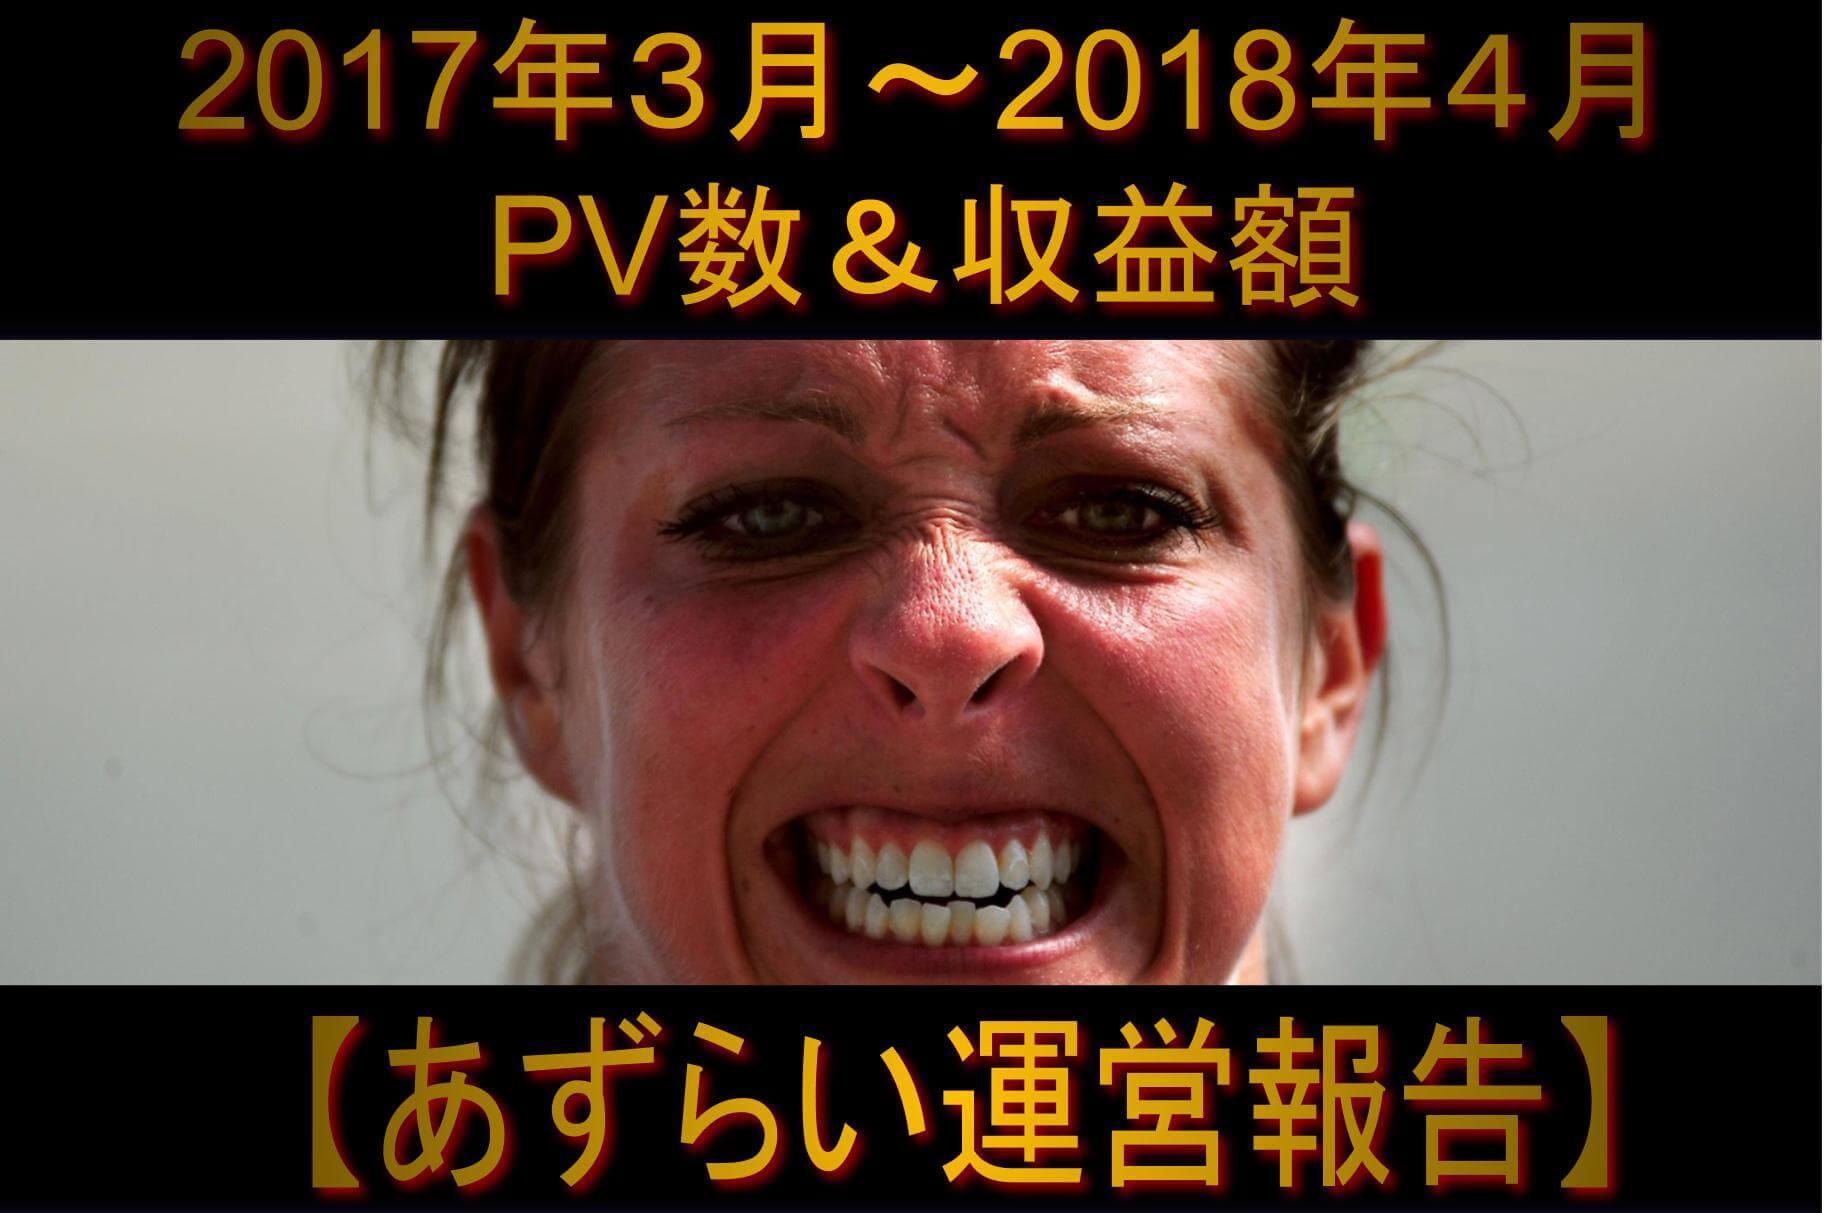 力む女性 テキスト「あずらい運営報告 2017年3月~2018年4月 PV数&収益額」